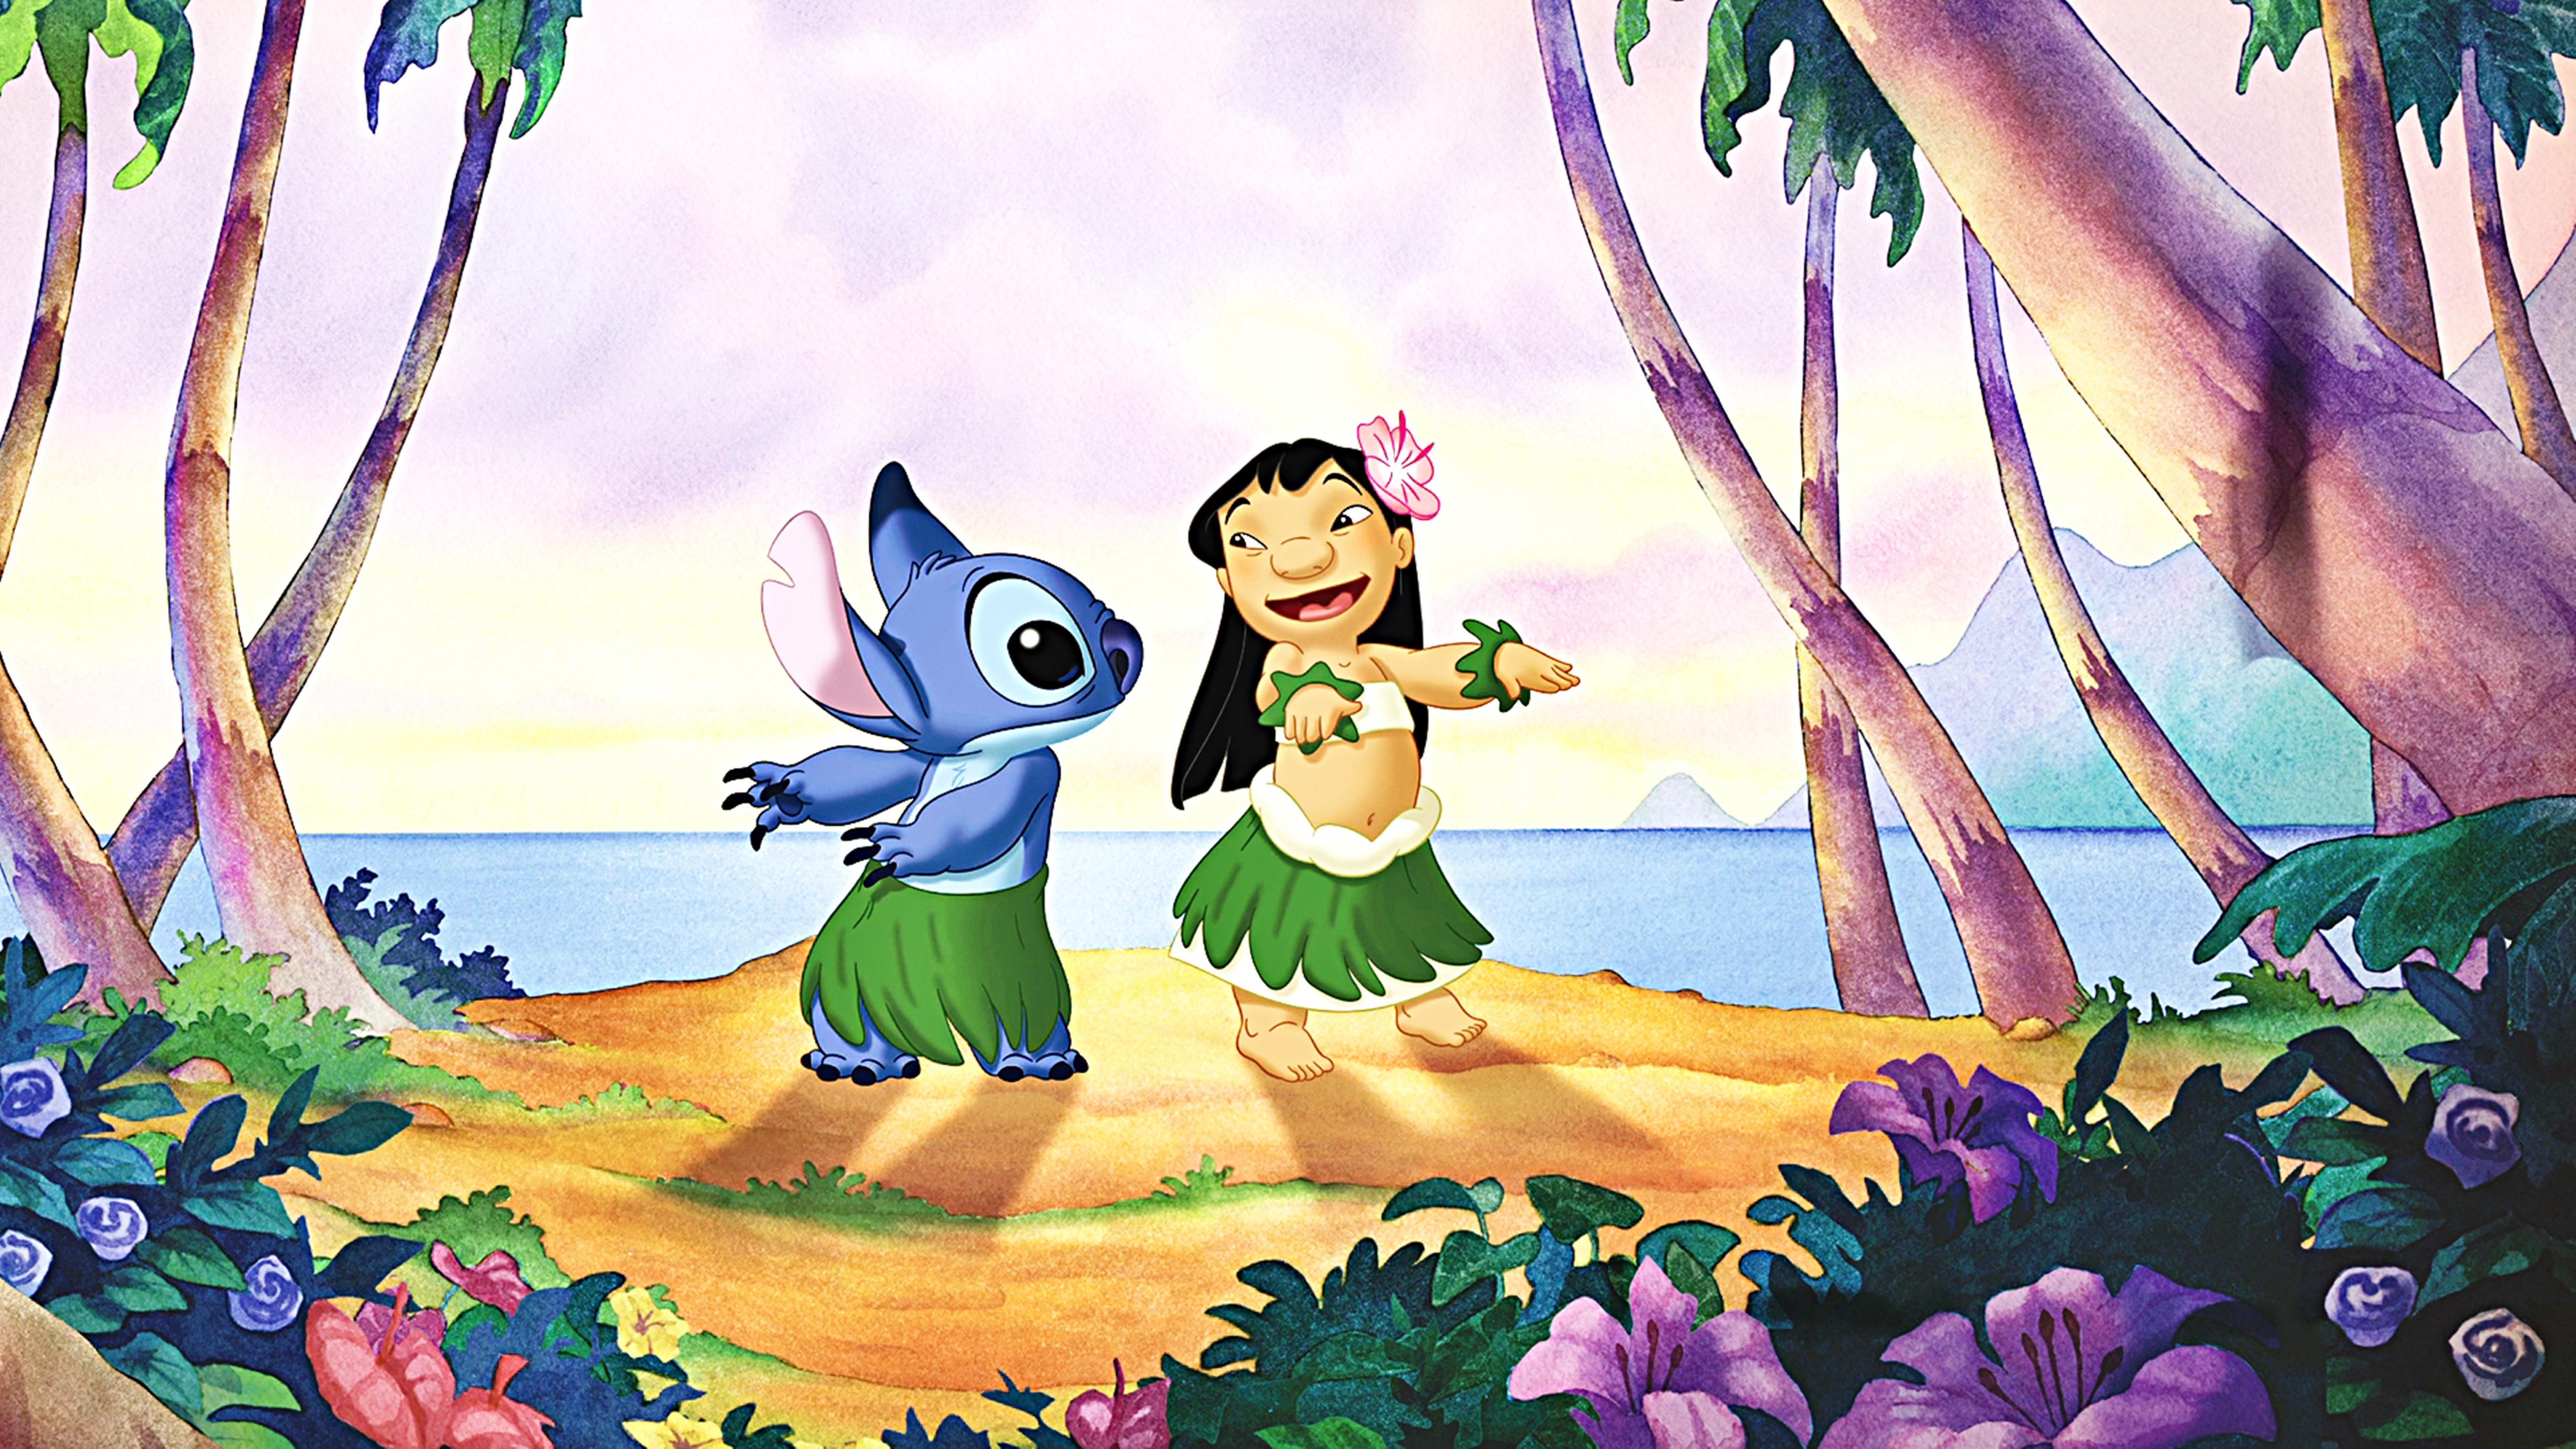 Walt डिज़्नी वॉलपेपर्स - Lilo & Stitch